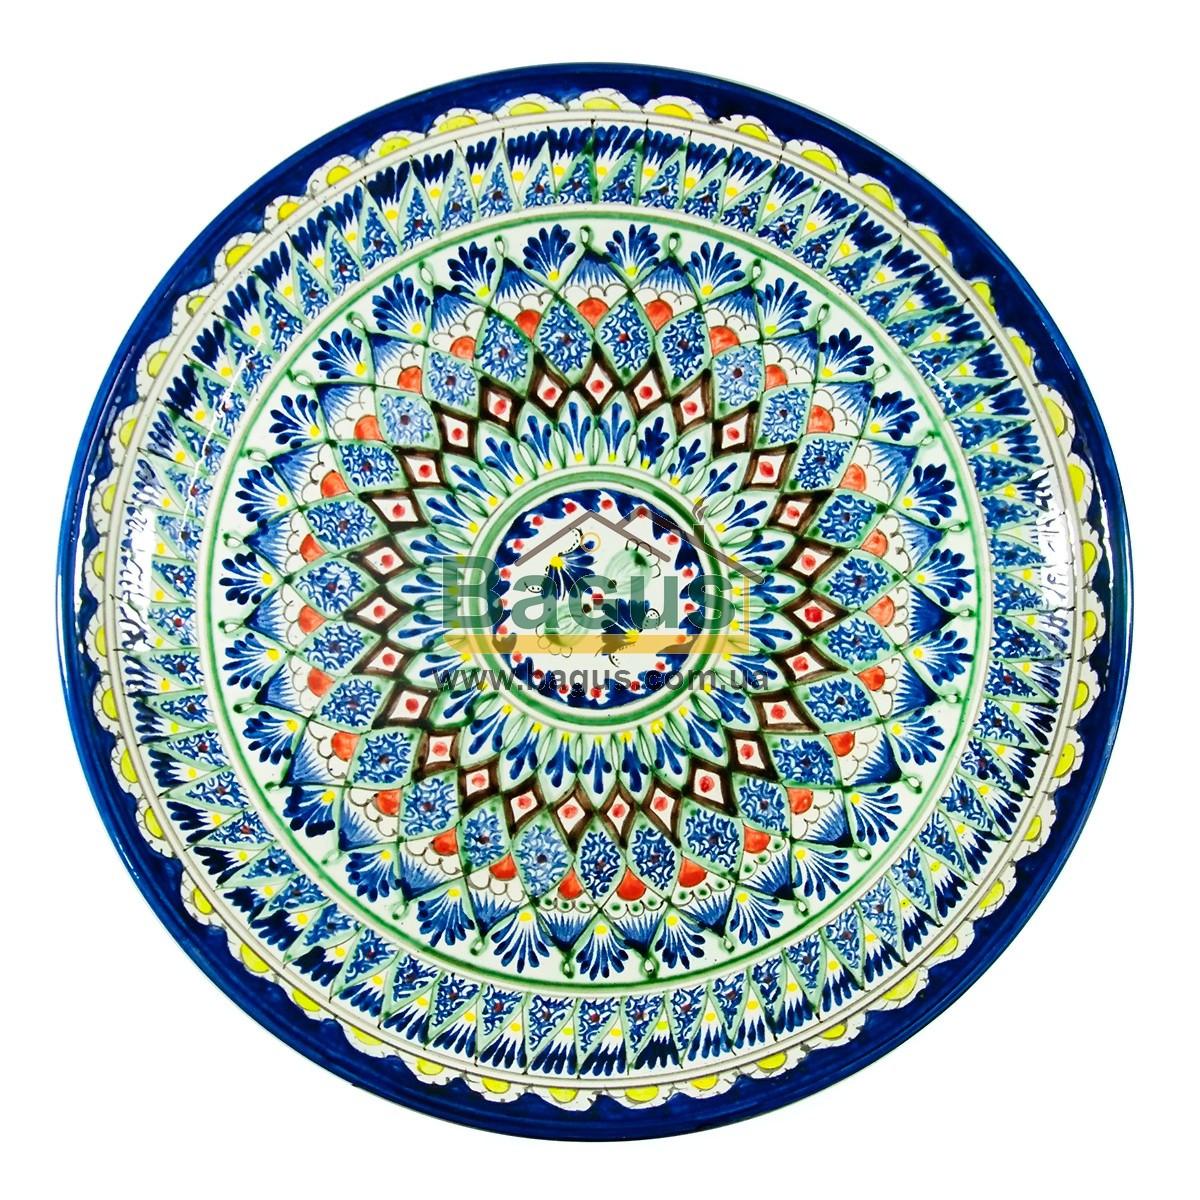 Ляган узбецький (тарілка узбецька) діаметр 37см ручна робота 3704-14